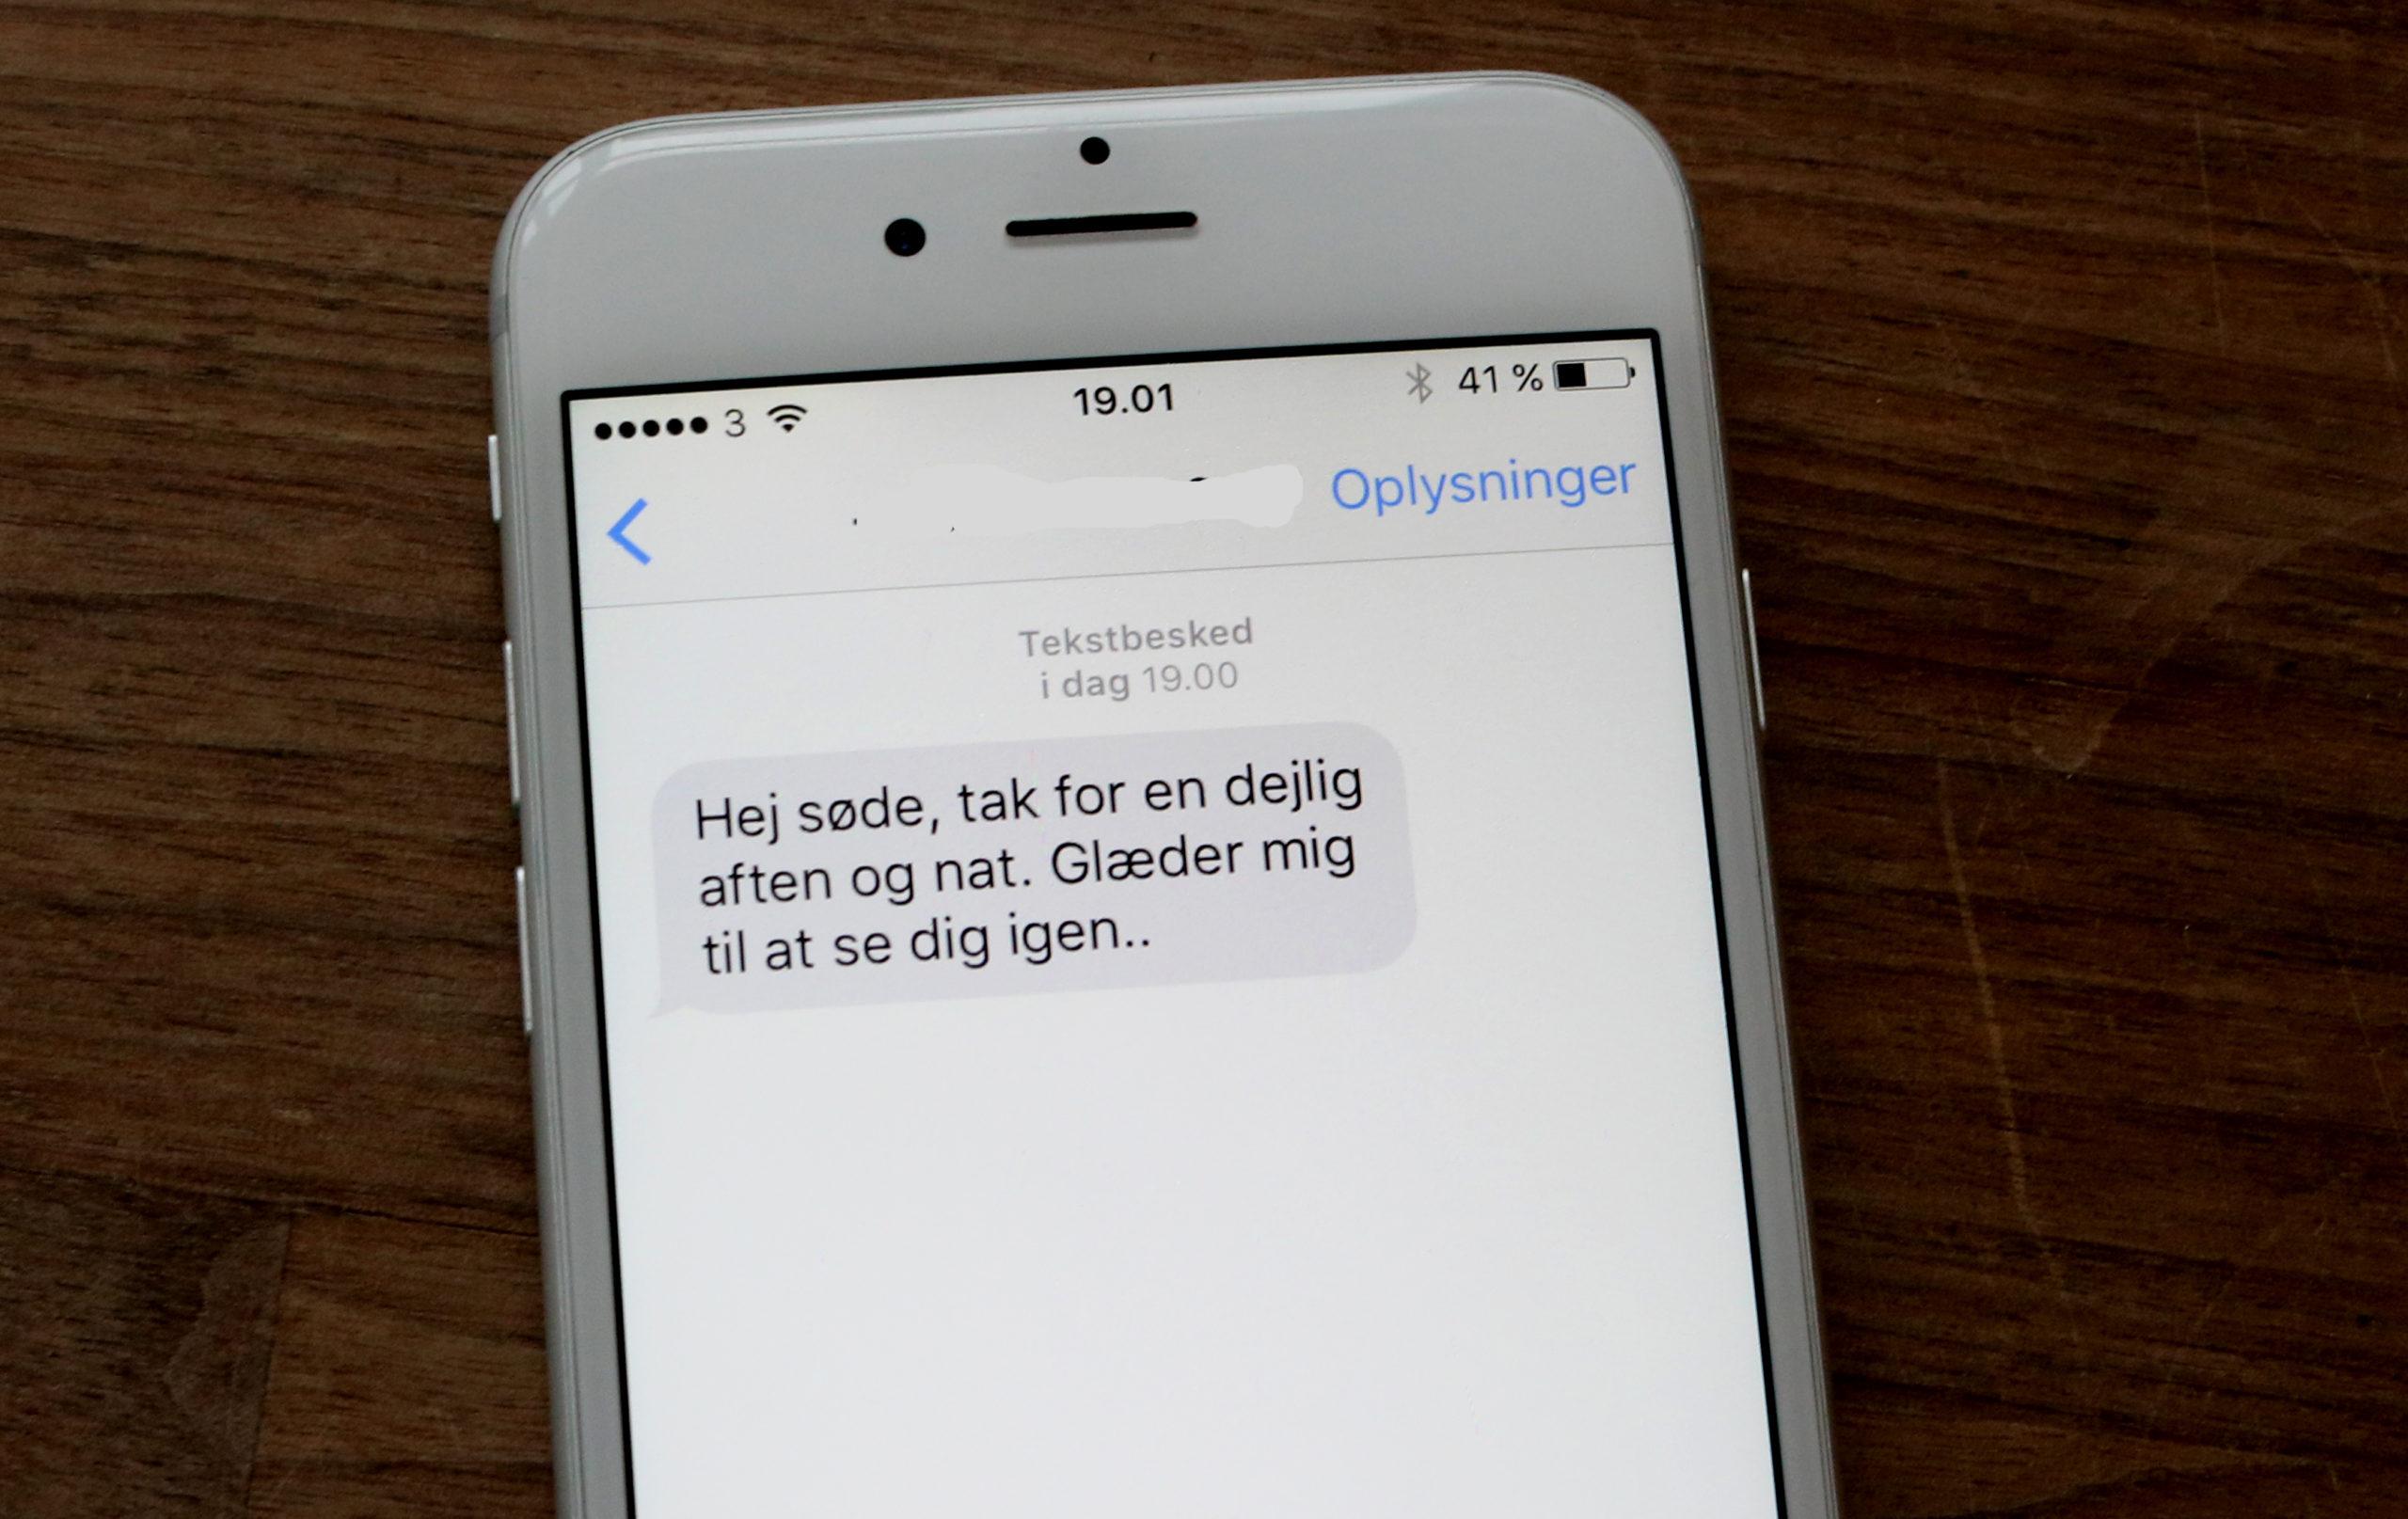 utroskab afsløres på mobiln